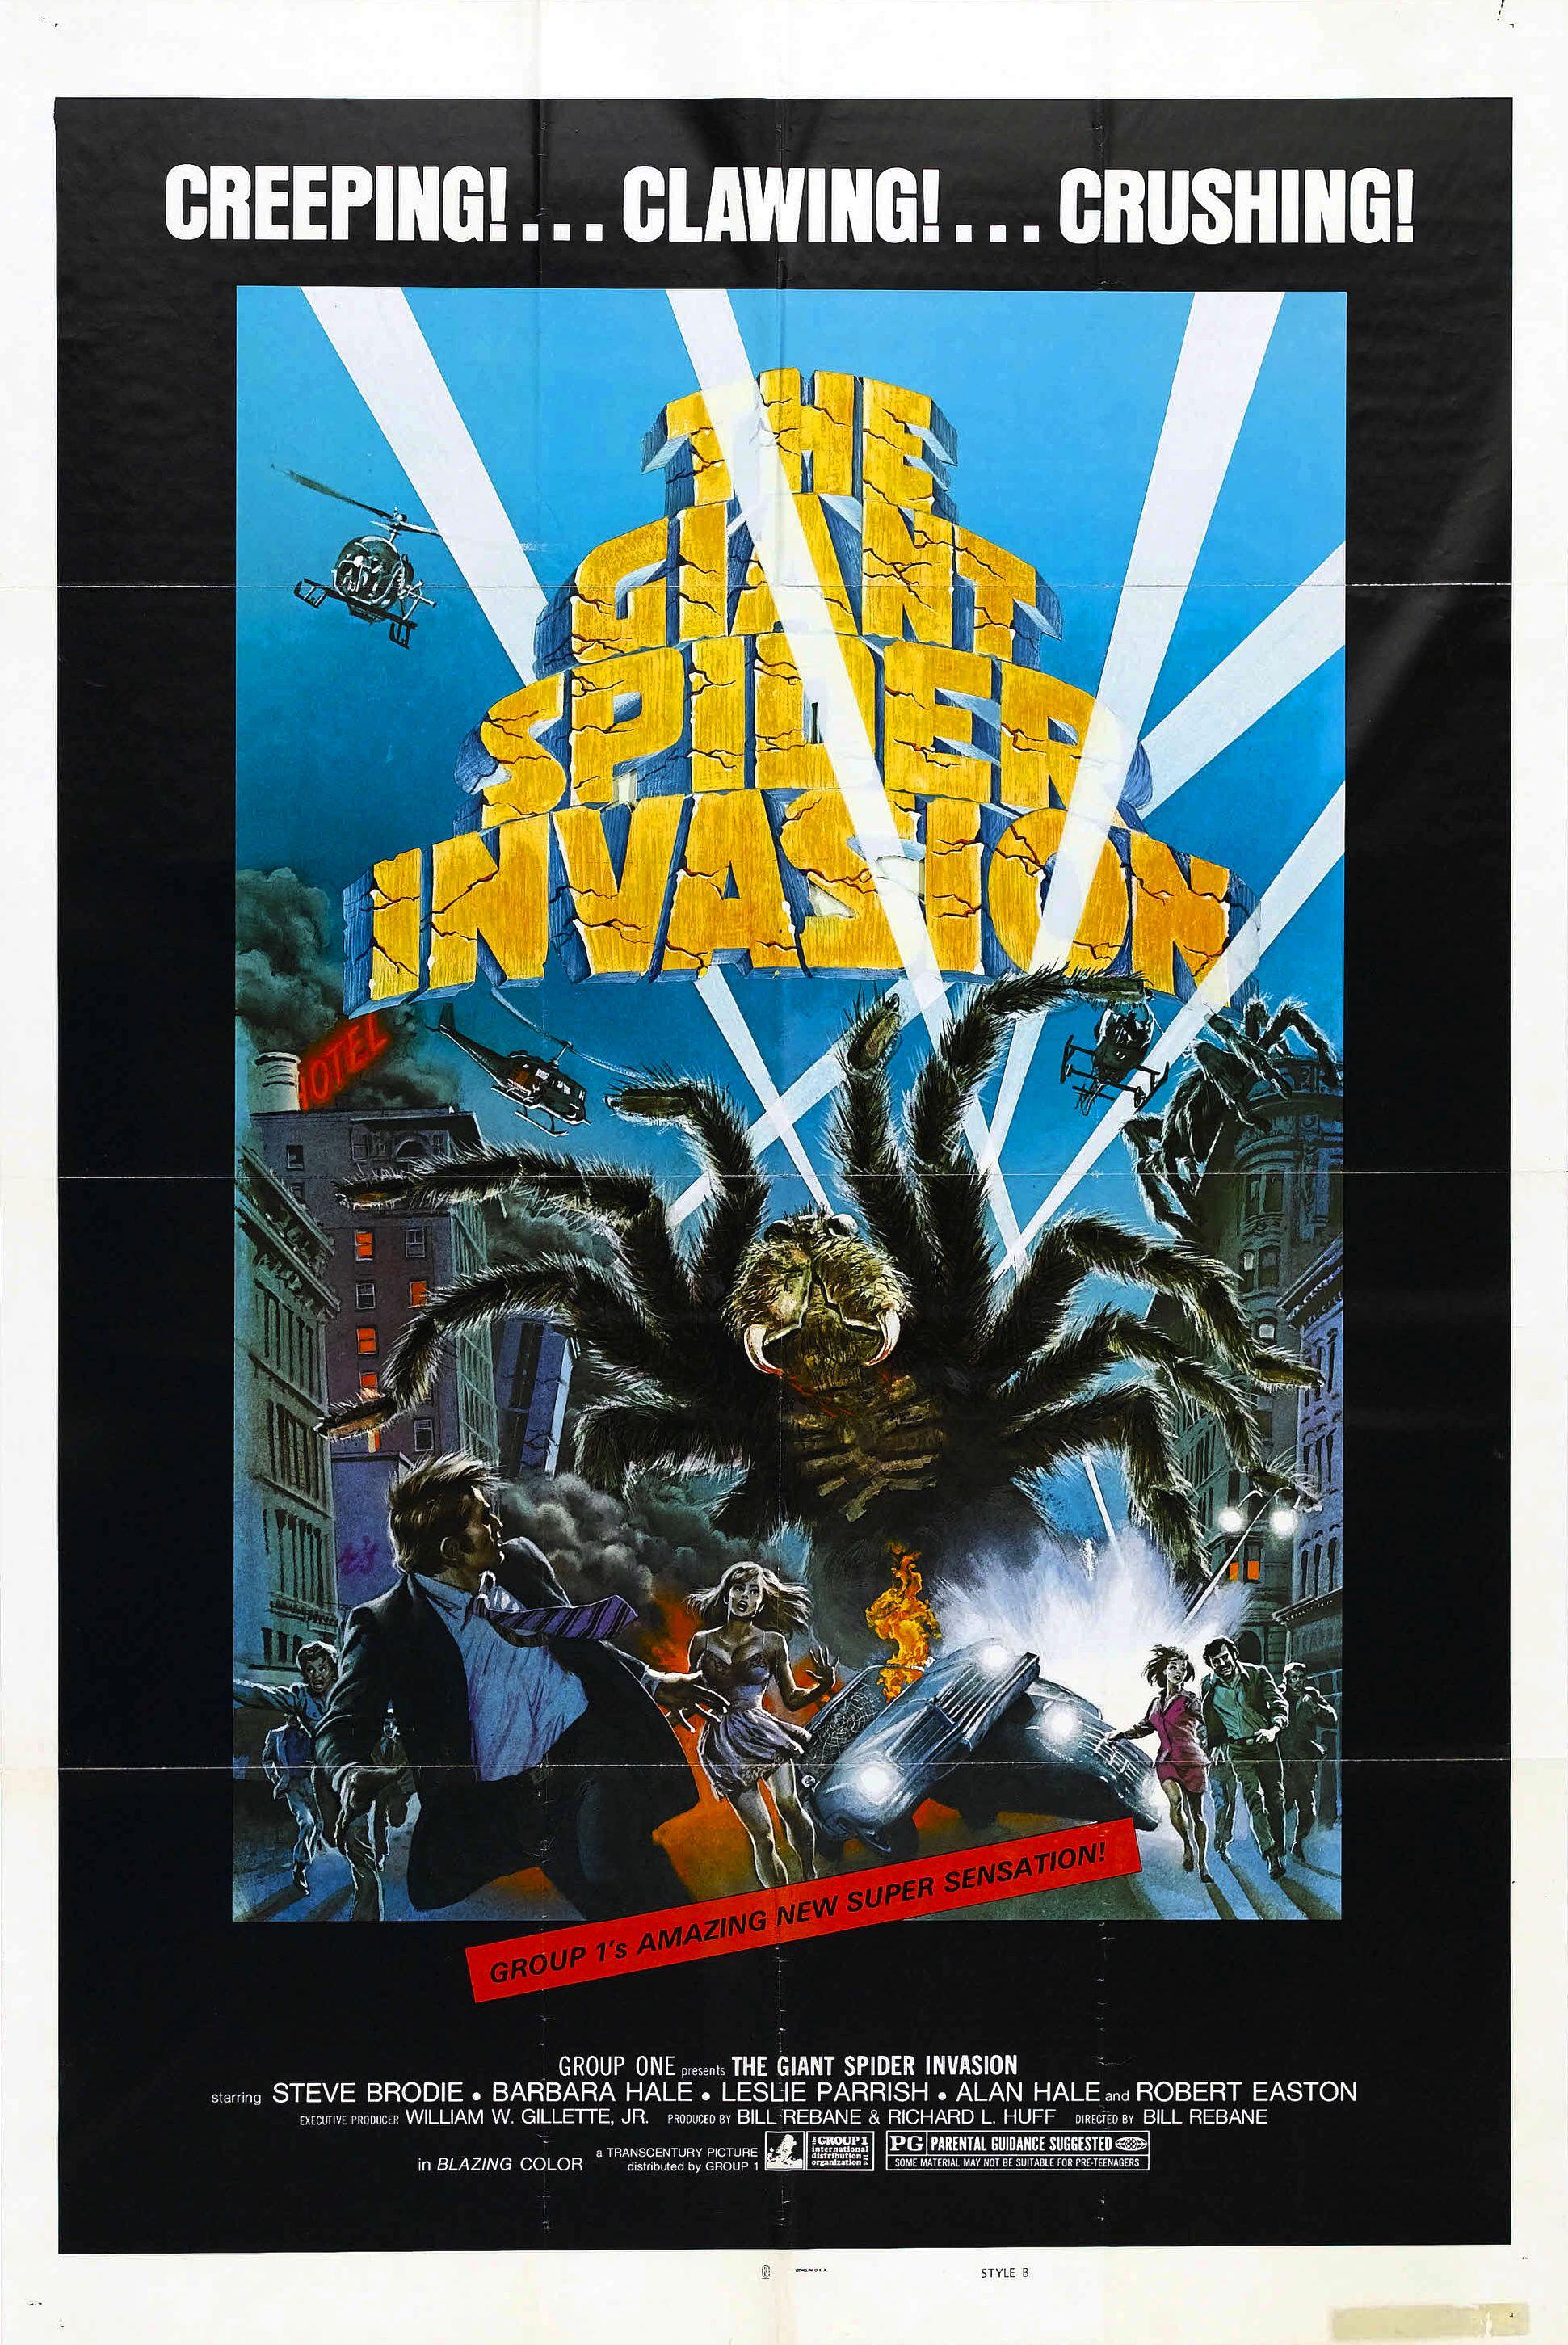 giant_spider_invasion_poster_01.jpg